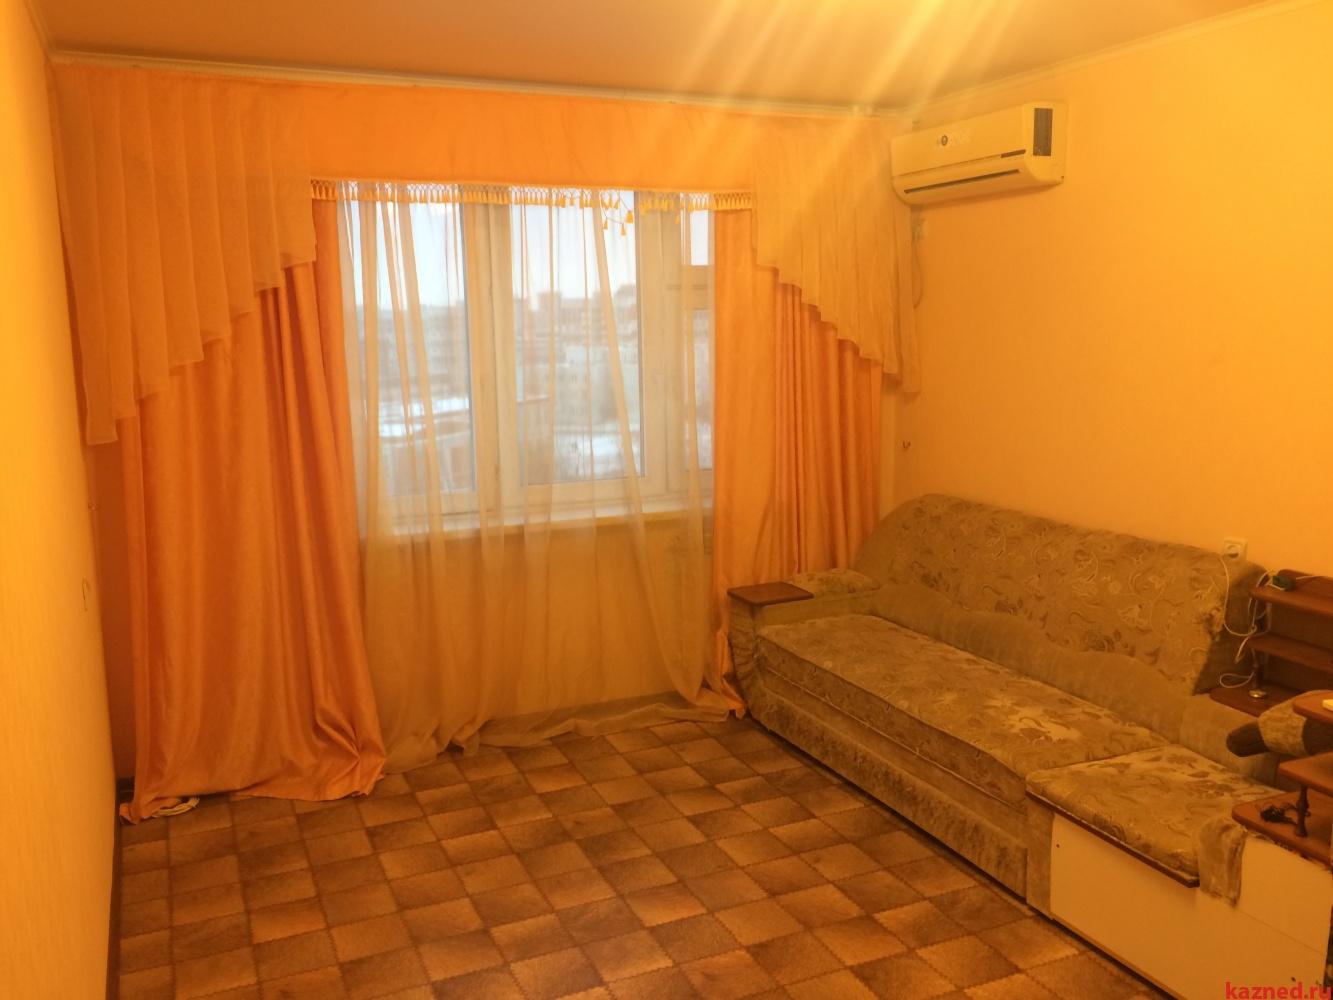 Продажа 1-к квартиры Проспект Победы 134, 54 м2  (миниатюра №8)